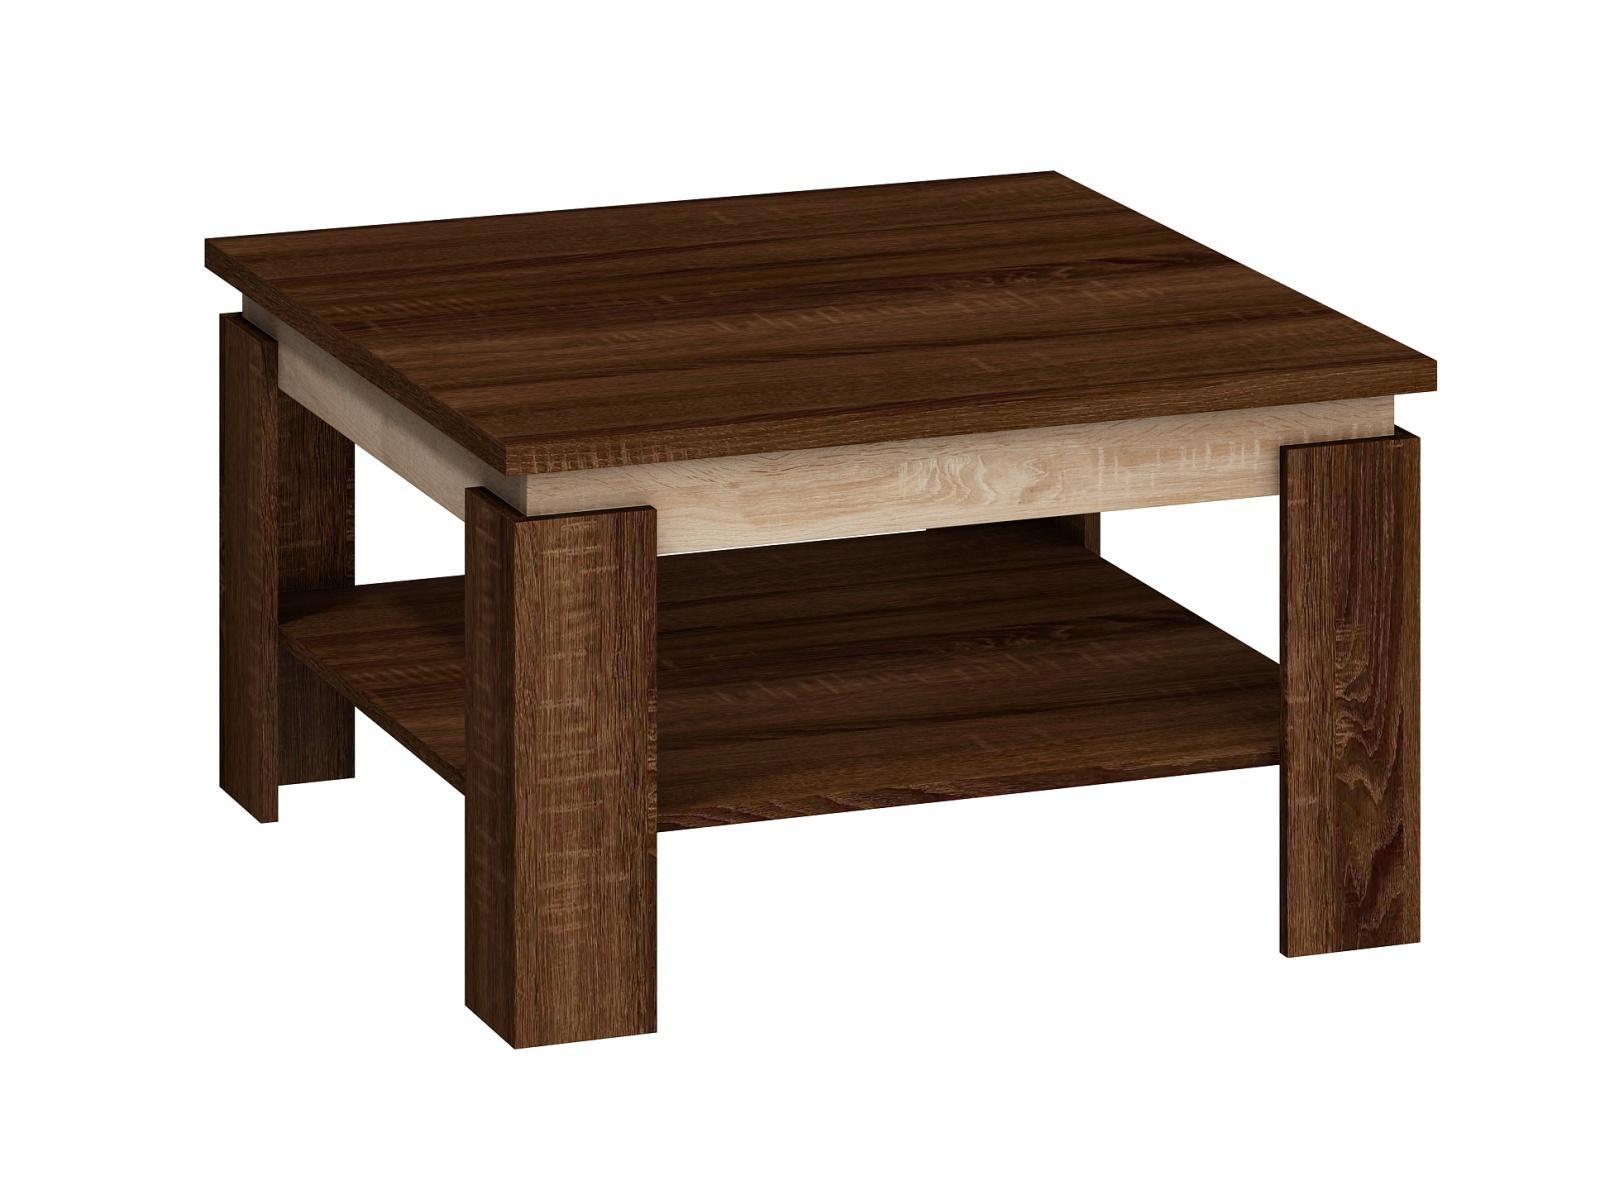 Konferenční stolek ALFA, dub sonoma tmavý/dub sonoma světlý